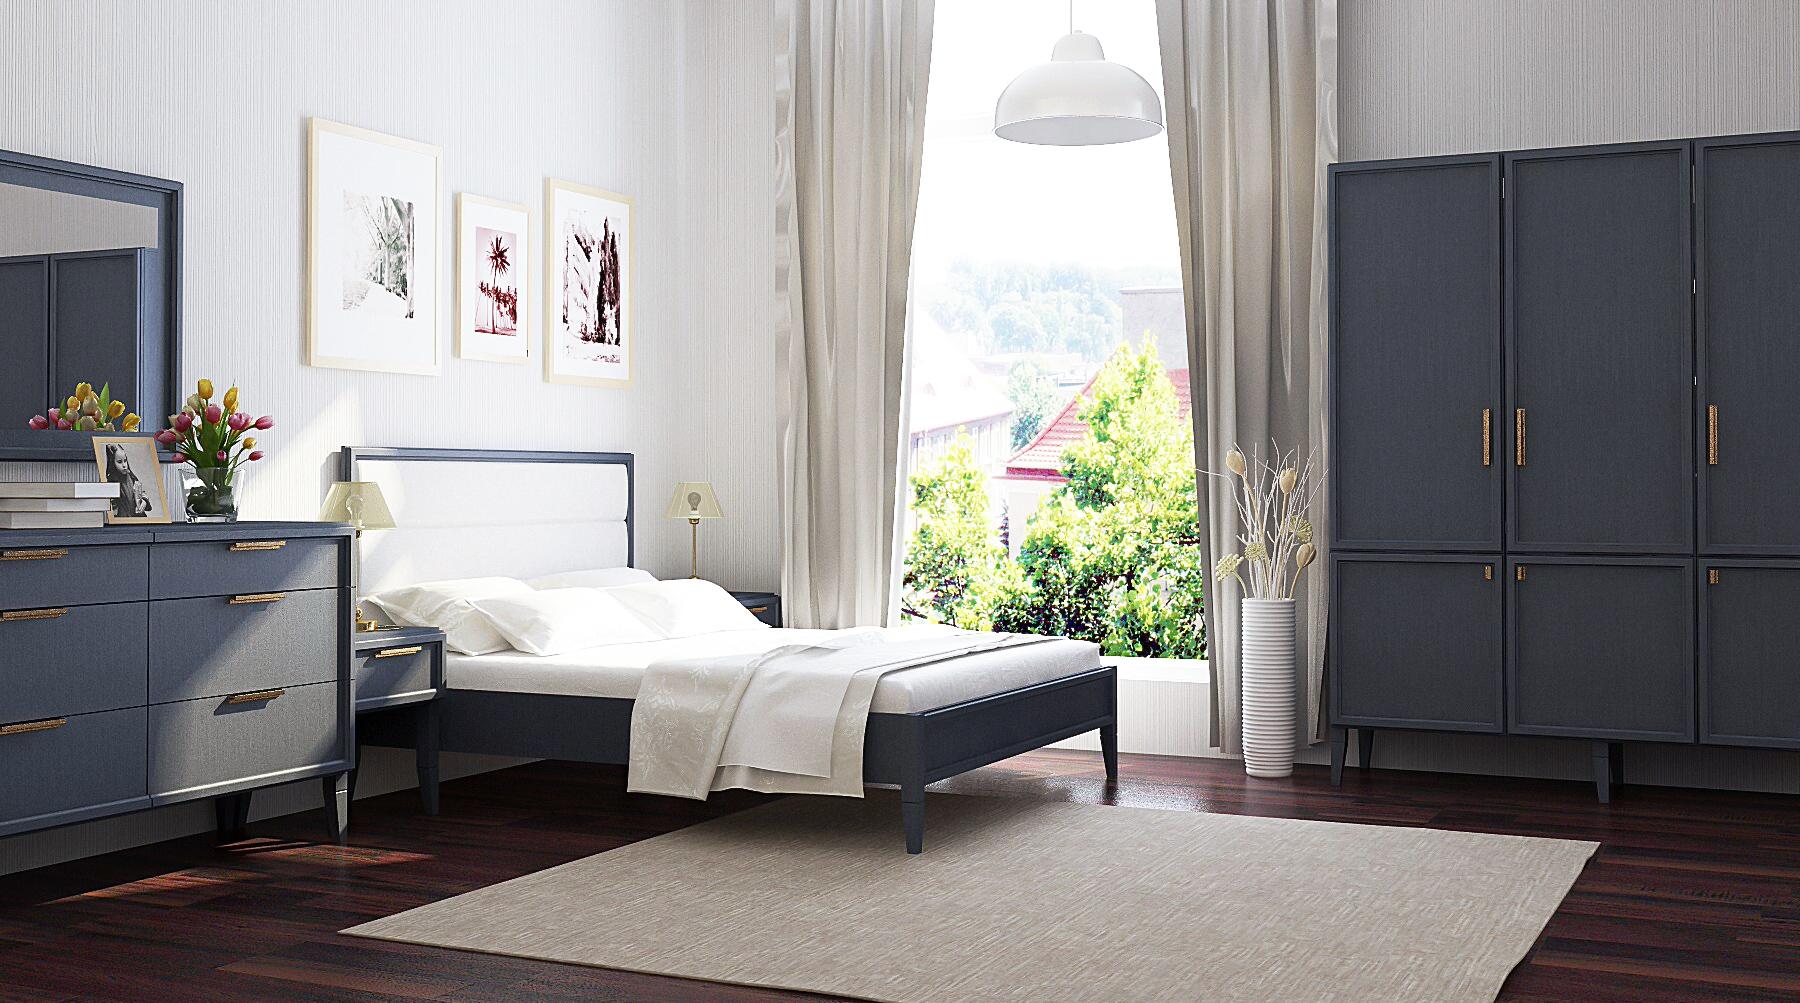 Full Size of Schlafzimmer Komplett Modern Charli Moderne Schlafzimmermbel In Grau Günstige Duschen Landhausstil Weiß Küche Weiss Schranksysteme Wandlampe Landhaus Wohnzimmer Schlafzimmer Komplett Modern